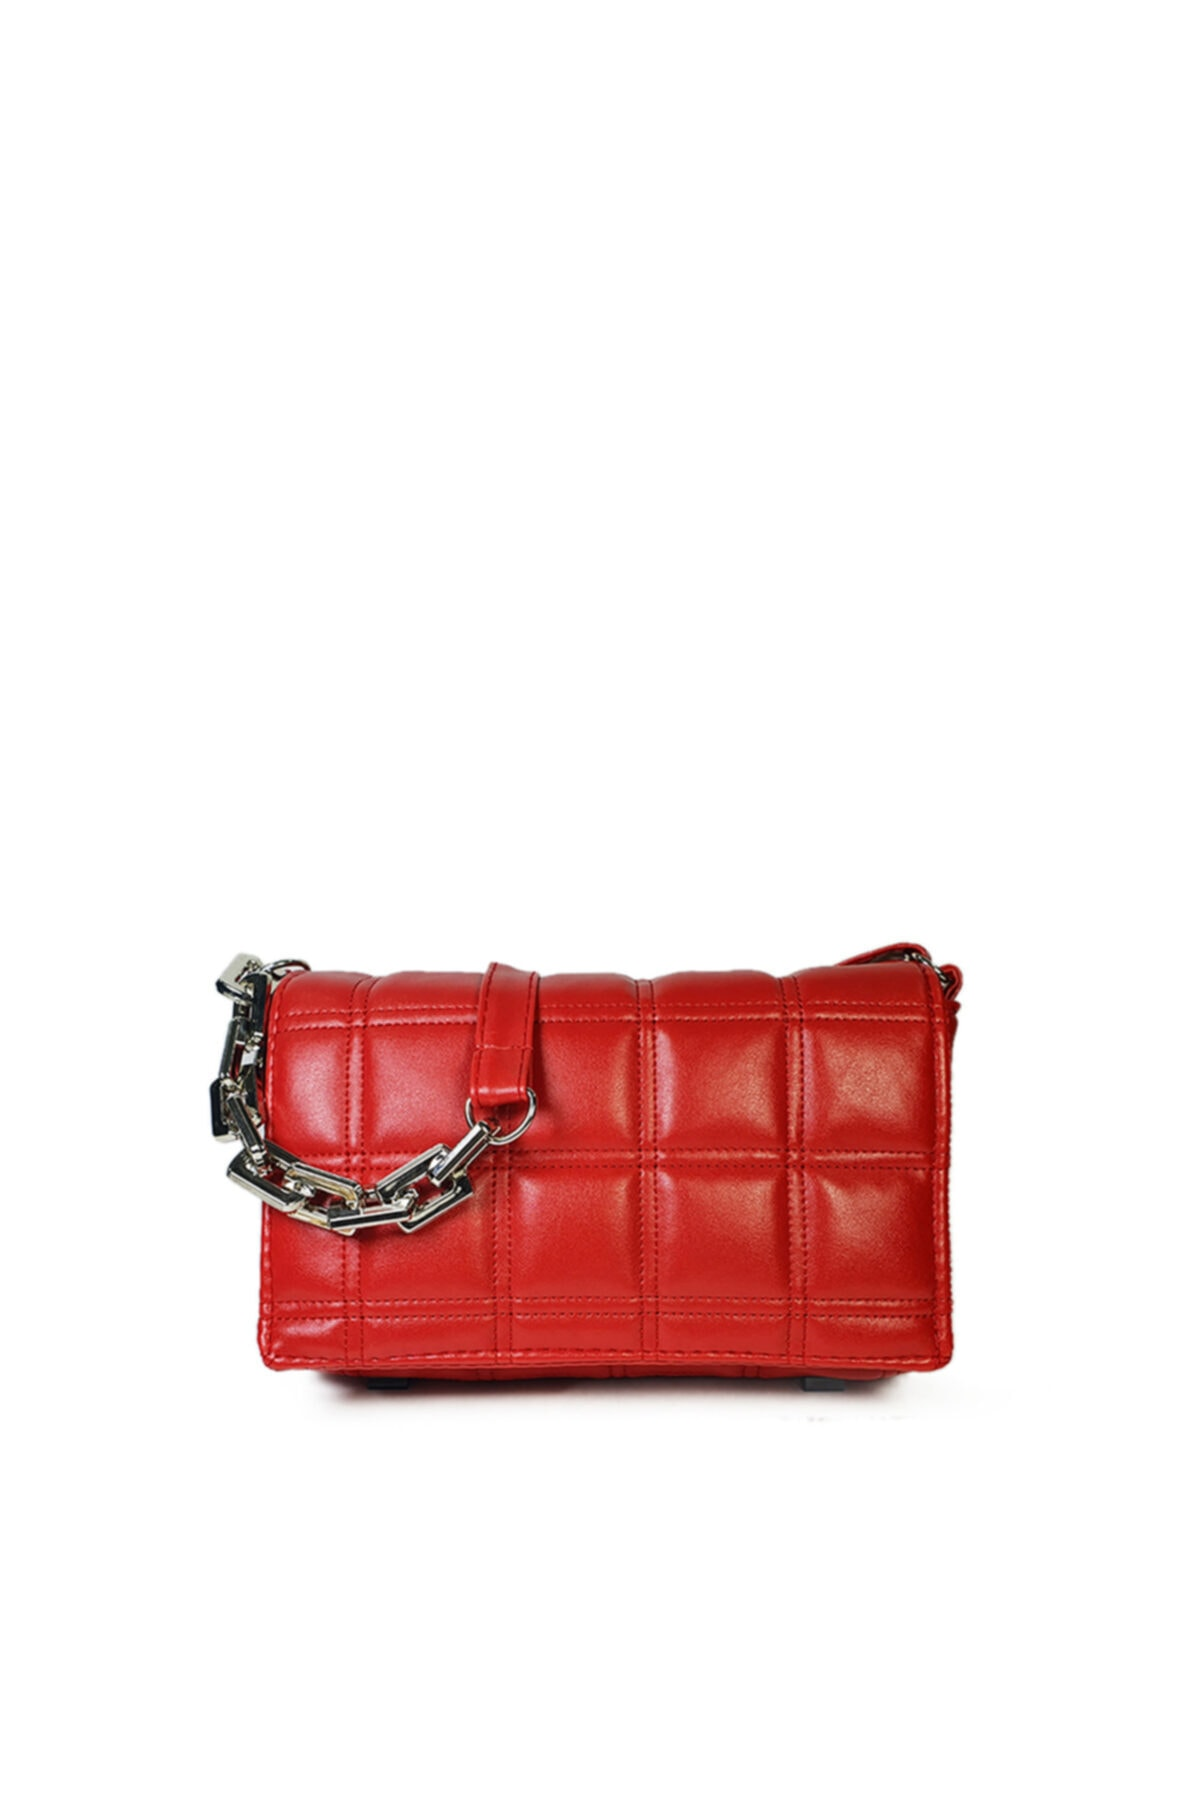 Güce Kırmızı Kare Nakışlı Plastik Zincirli Askılı El Ve Omuz Çantası Gc003402 1